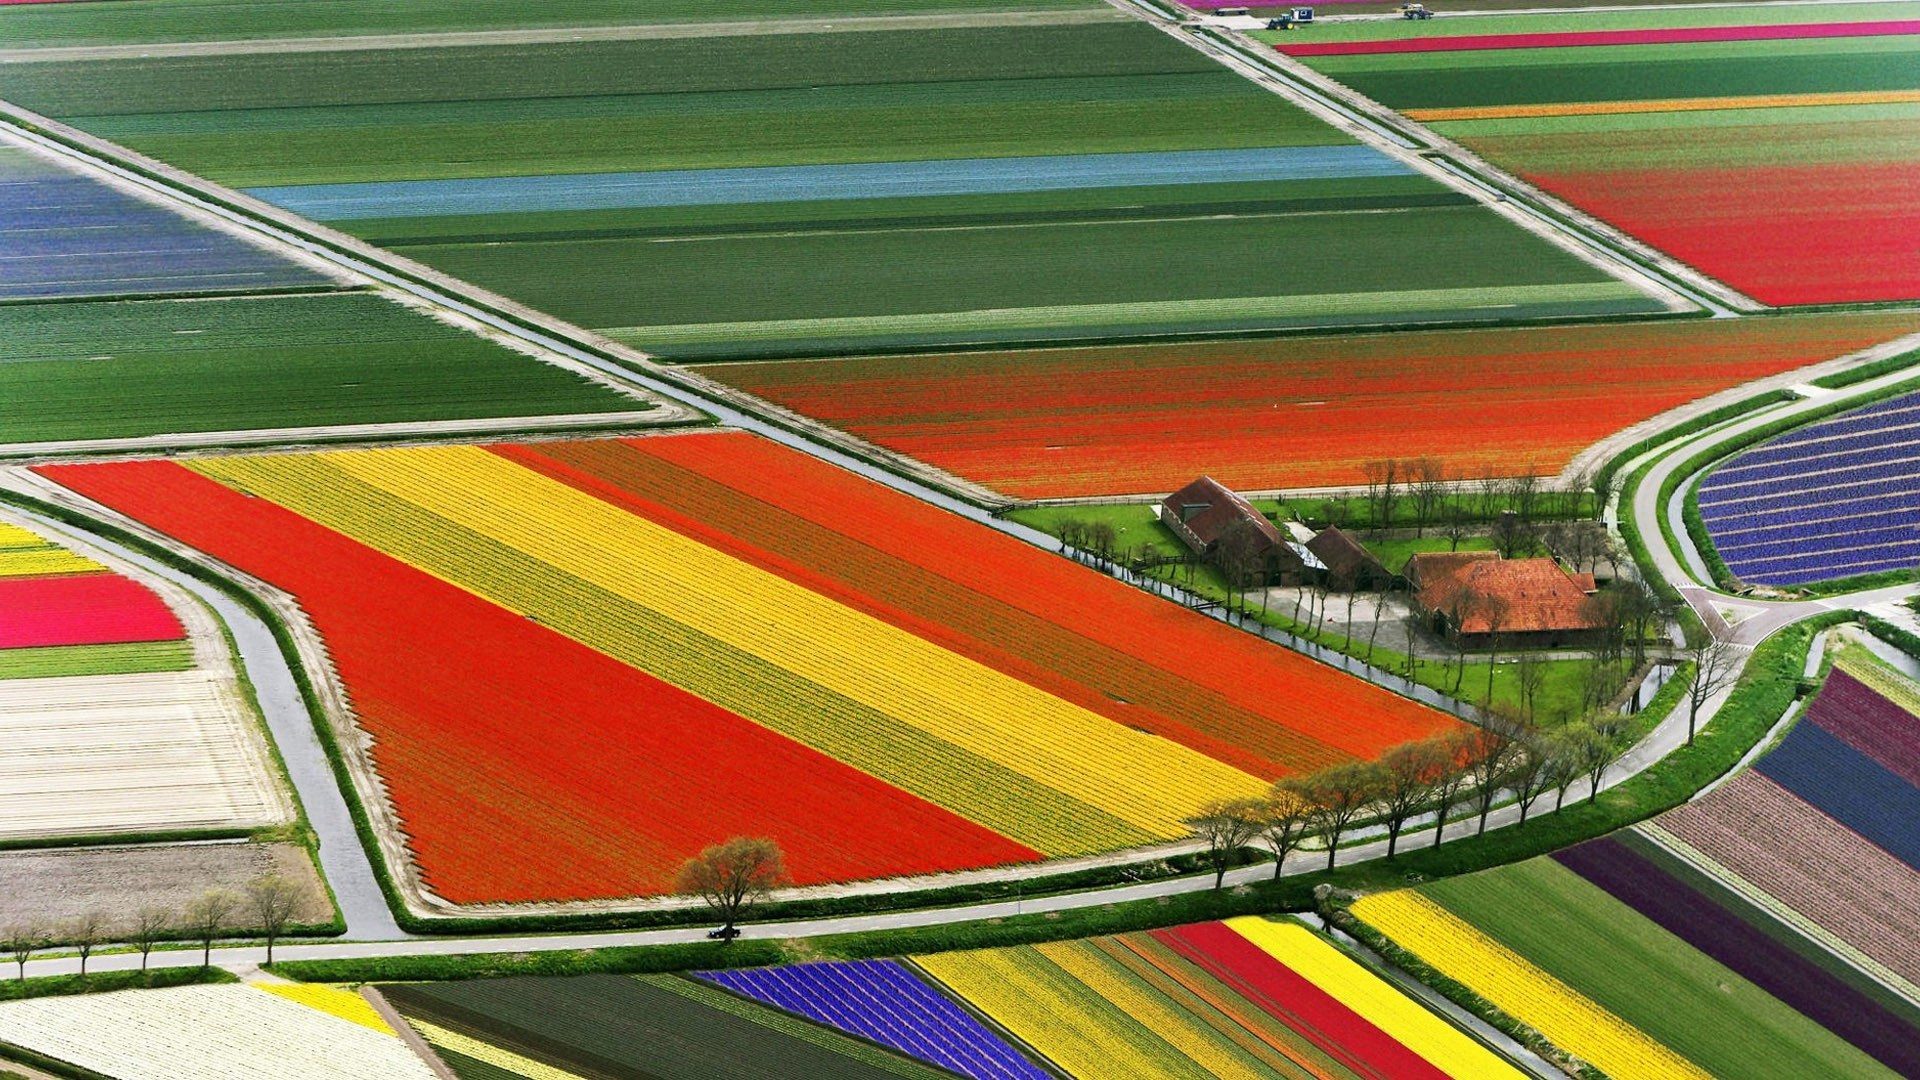 Tulip Fields 21 HD Image